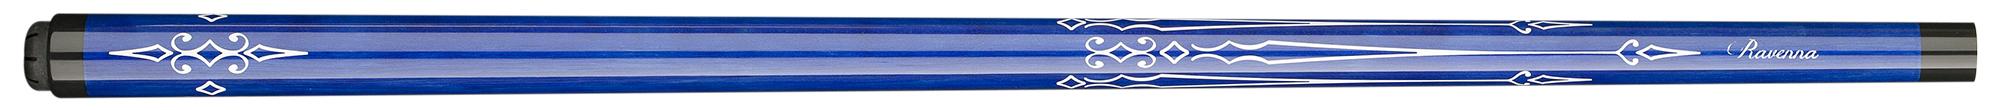 Longoni Ravenna B – blau